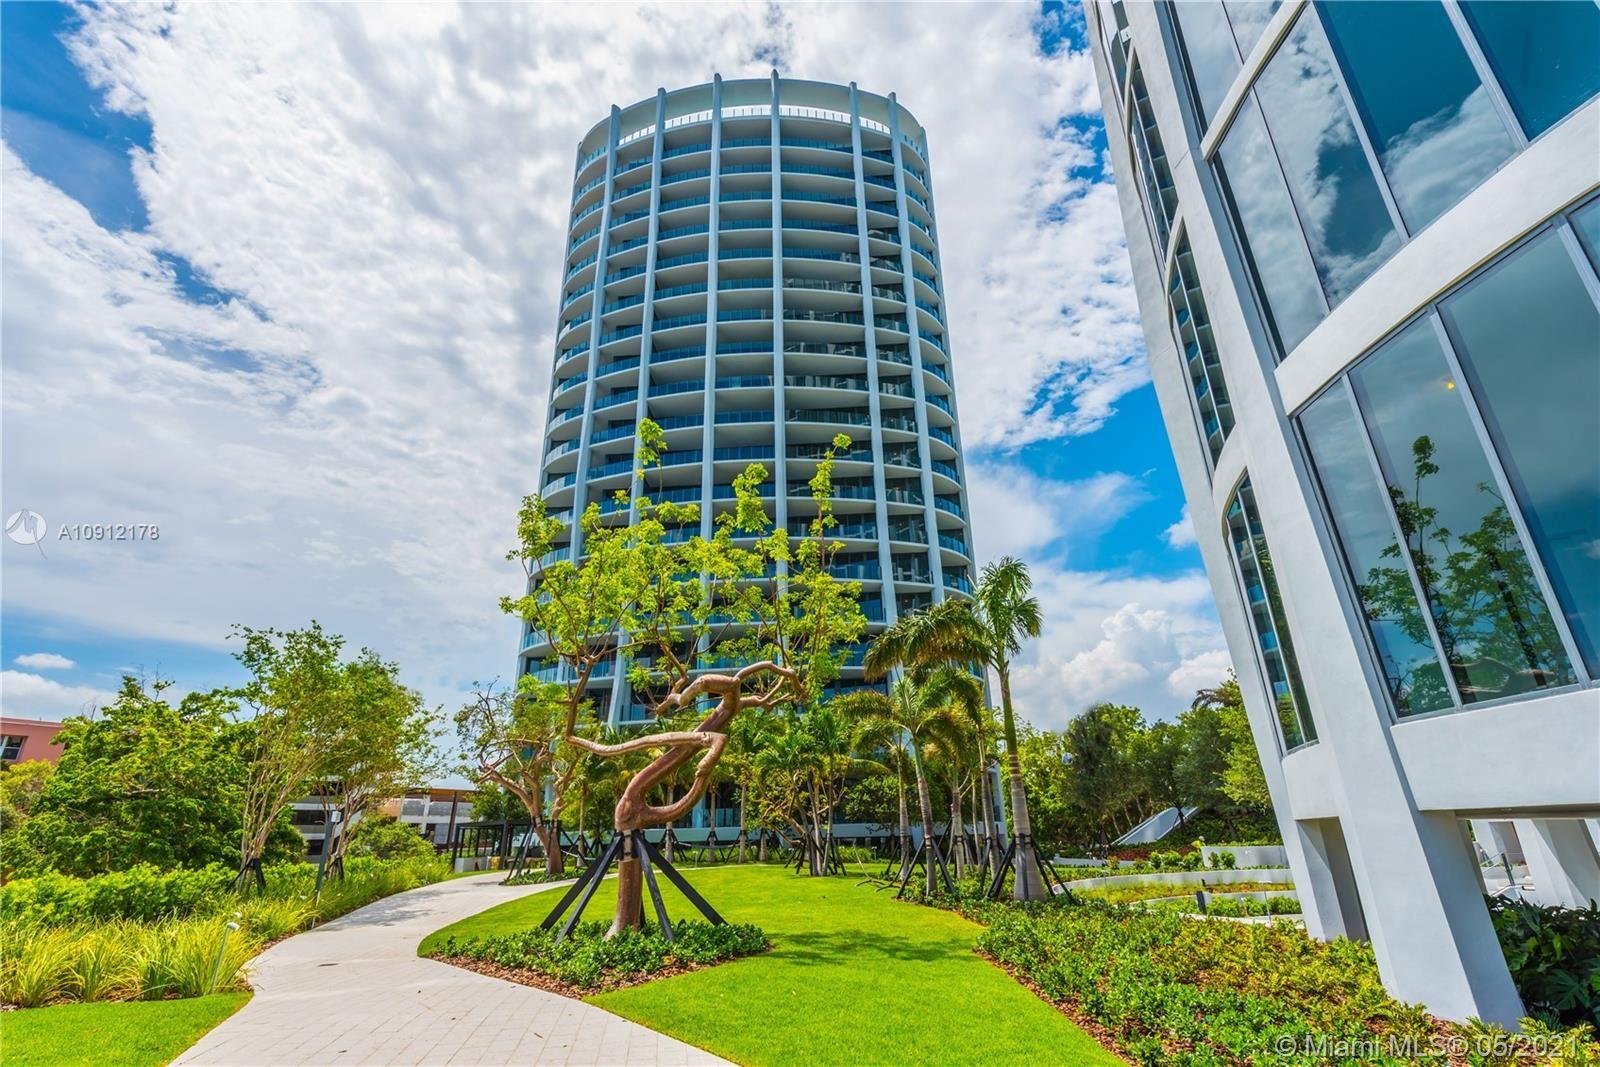 2831 S Bayshore Dr #1405, Miami, FL 33133 - #: A10912178